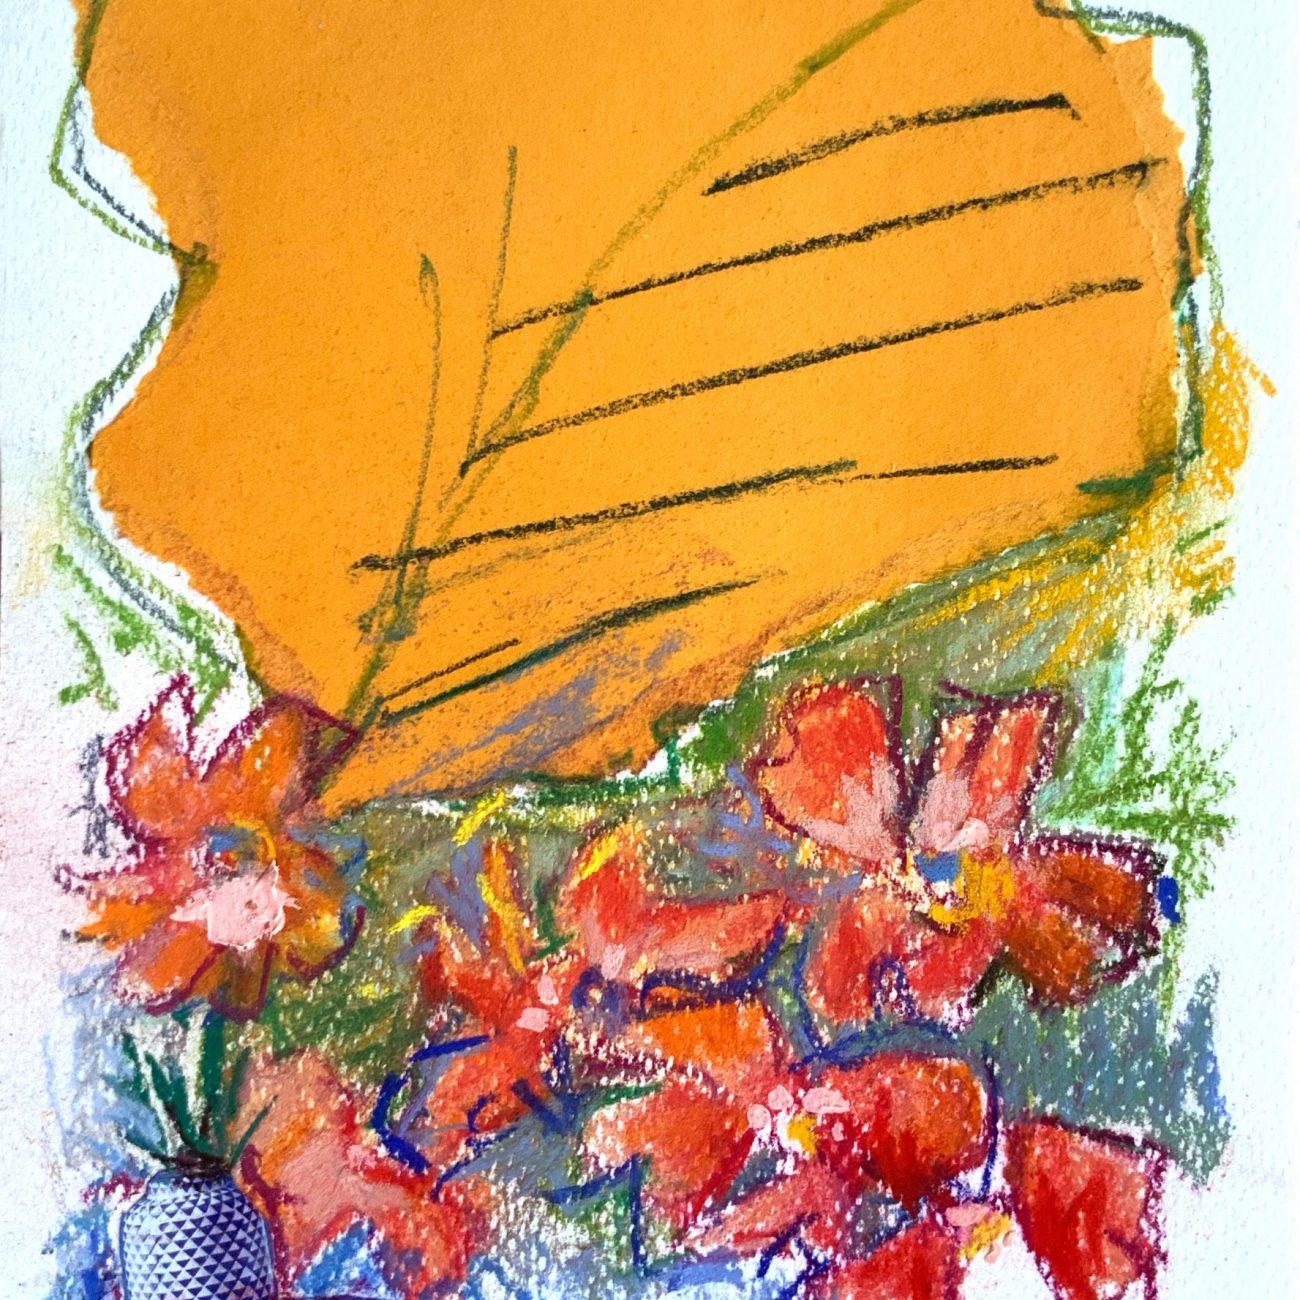 PEMBE KOLAJ 7 Teknik: Kağıt Üzeri Toz Pastel ve Kolaj Ölçü:17x24 cm. (29x36 cm. çerçeveli) Fiyat : 885 TL